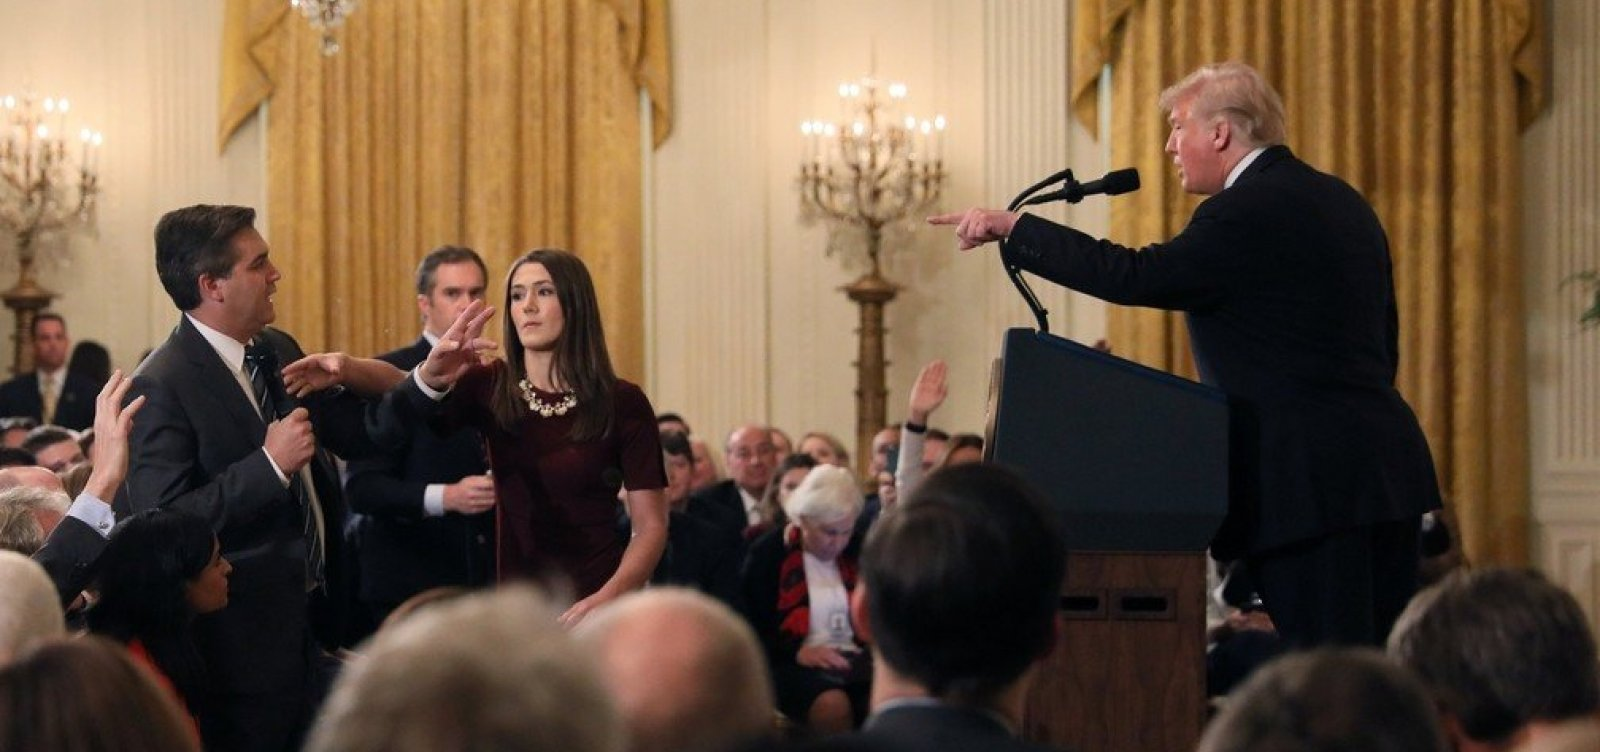 [Após discussão com Trump, jornalista da CNN tem credencial suspensa pela Casa Branca]